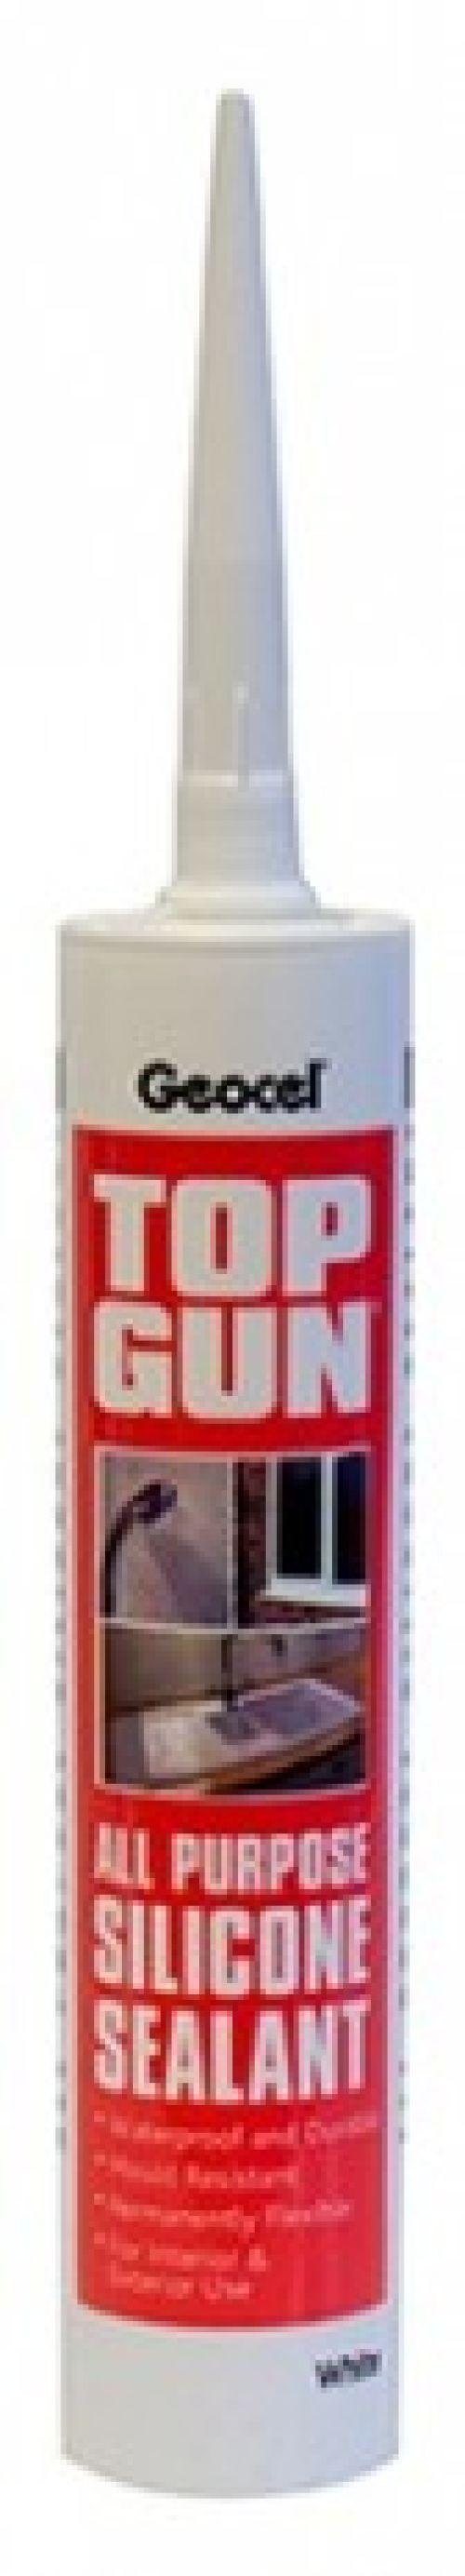 Top Gun Multi Purpose